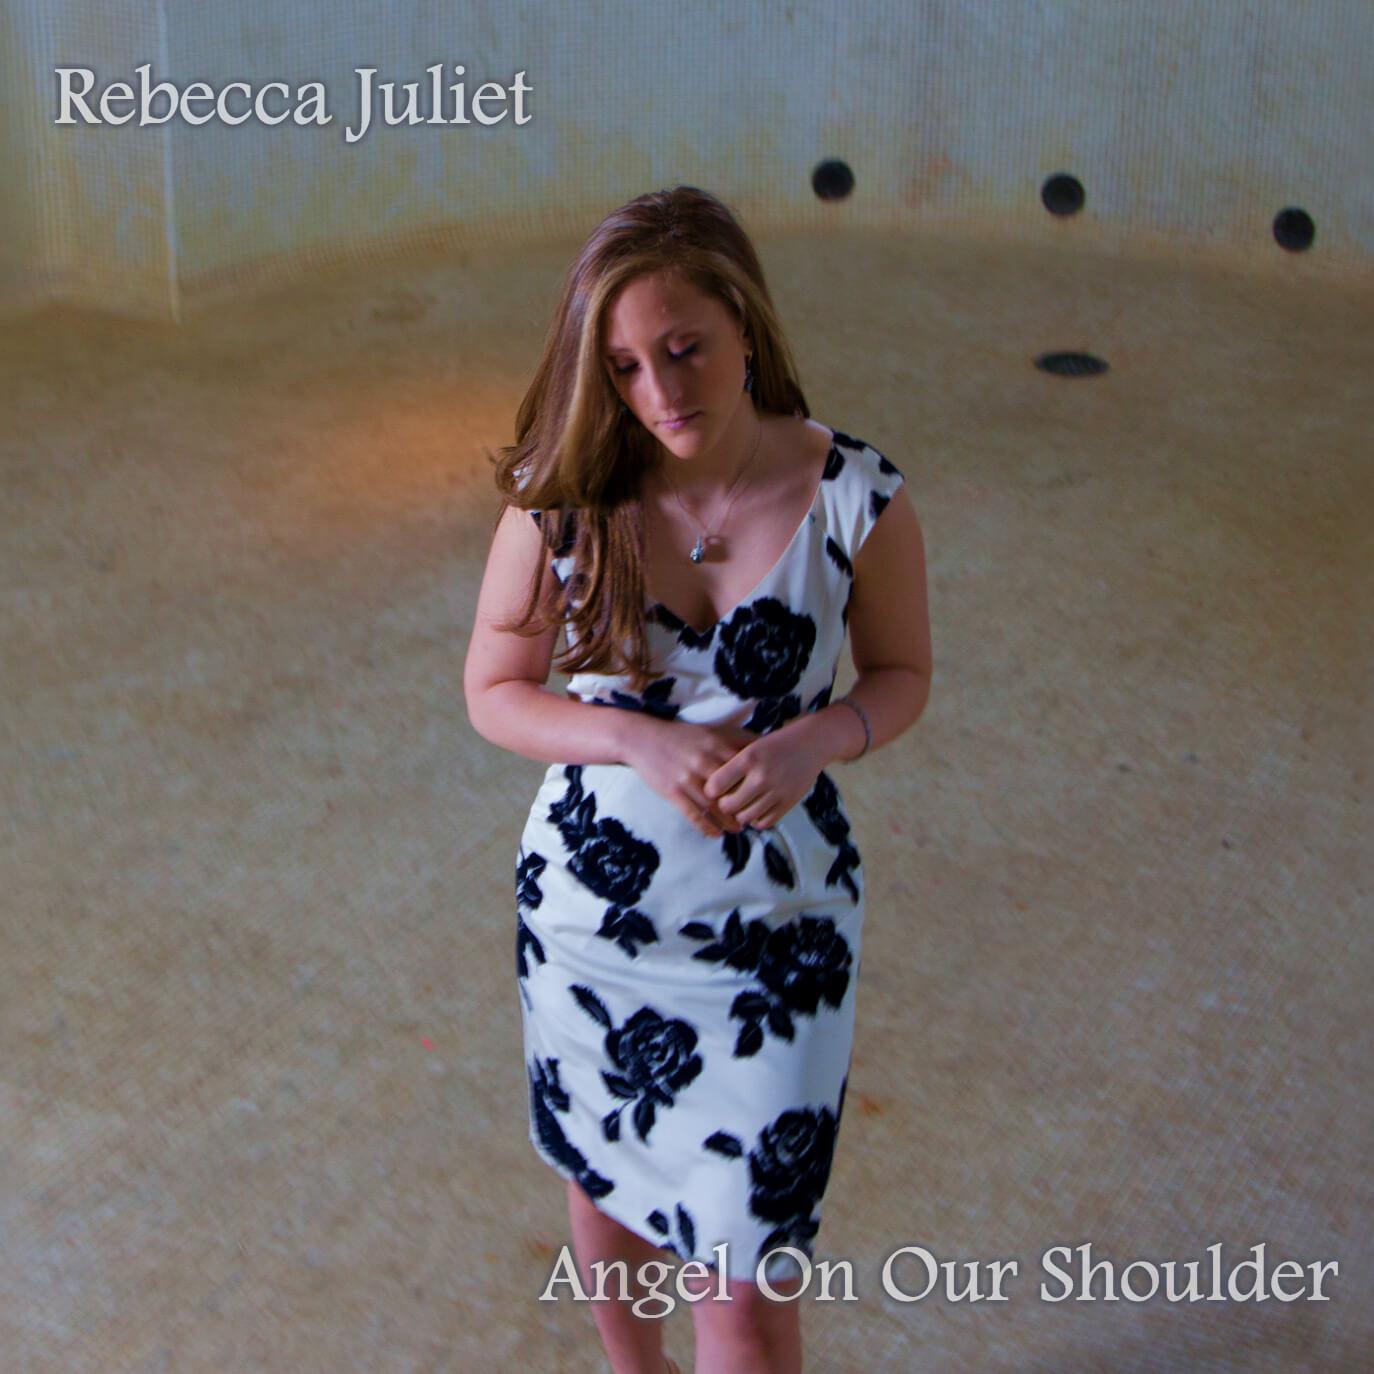 Rebecca Juliet